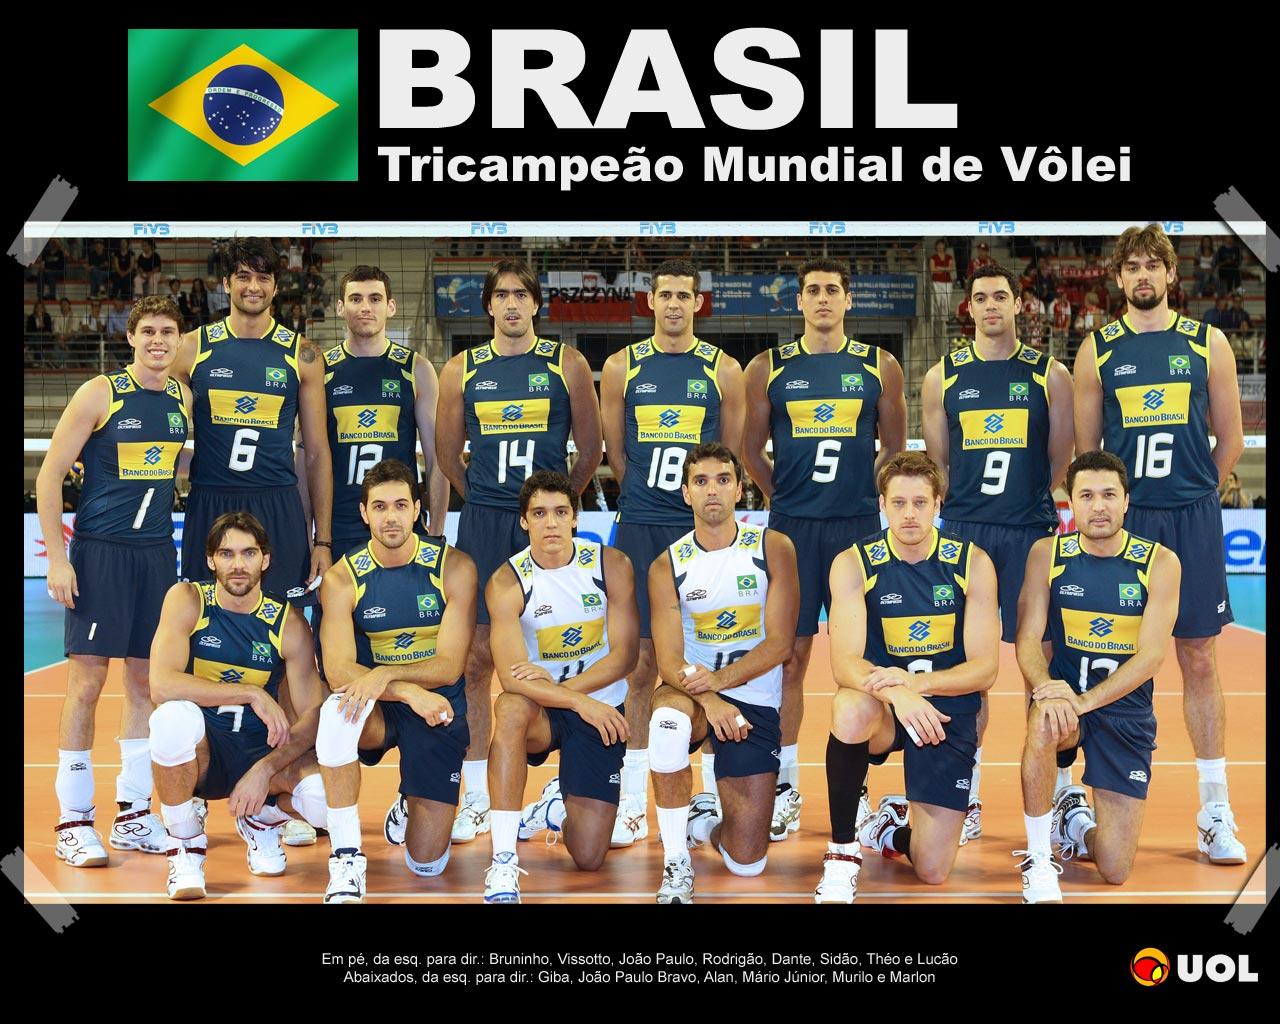 Palmeiras nao tem mundial - 5 5